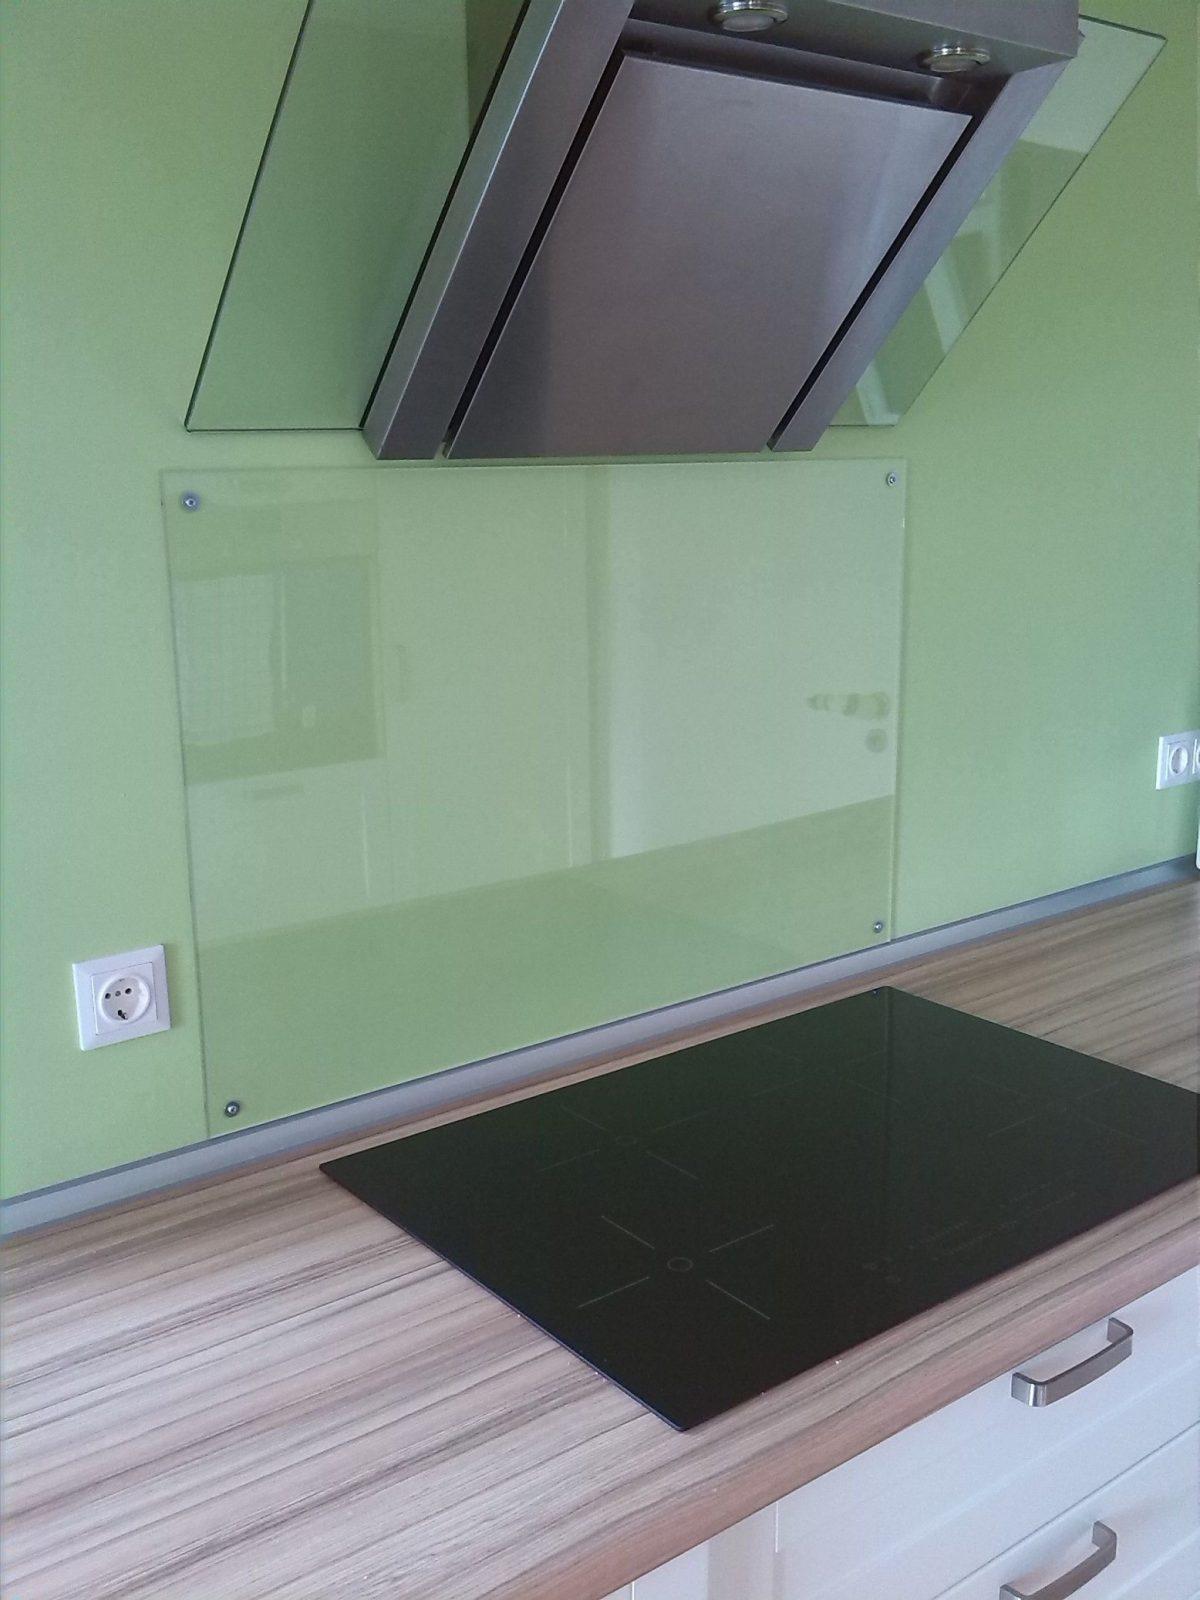 Küchenrückwand Aus Plexiglas Klar  Zukünftige Projekte  Küche von Spritzschutz Küche Plexiglas Selber Machen Photo